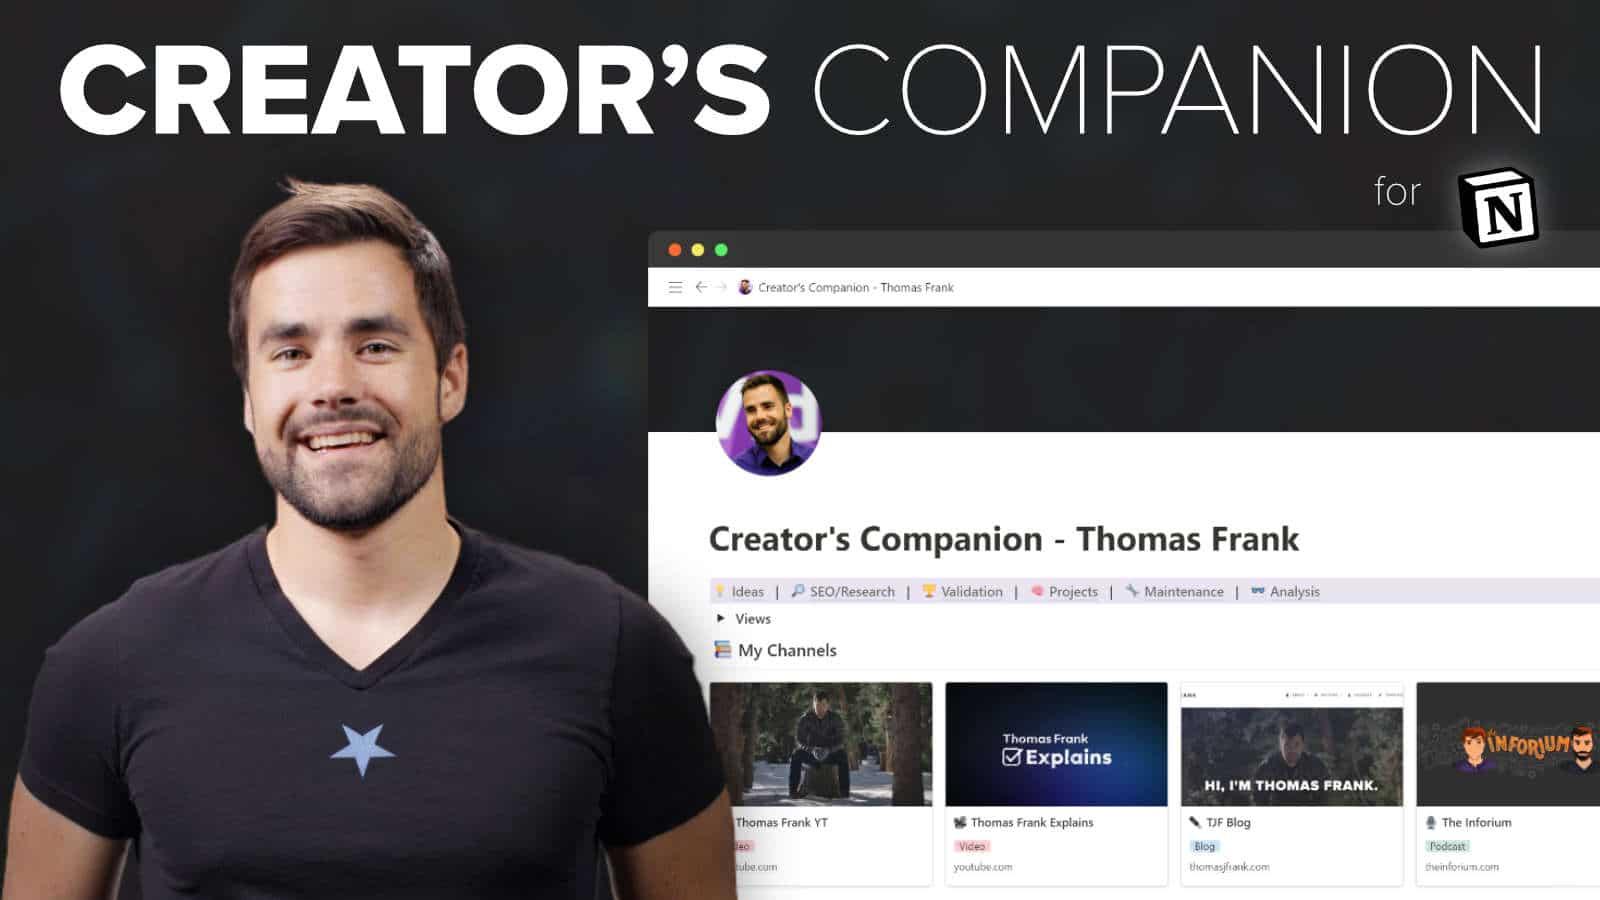 Creator's Companion - Quick Explainer Video